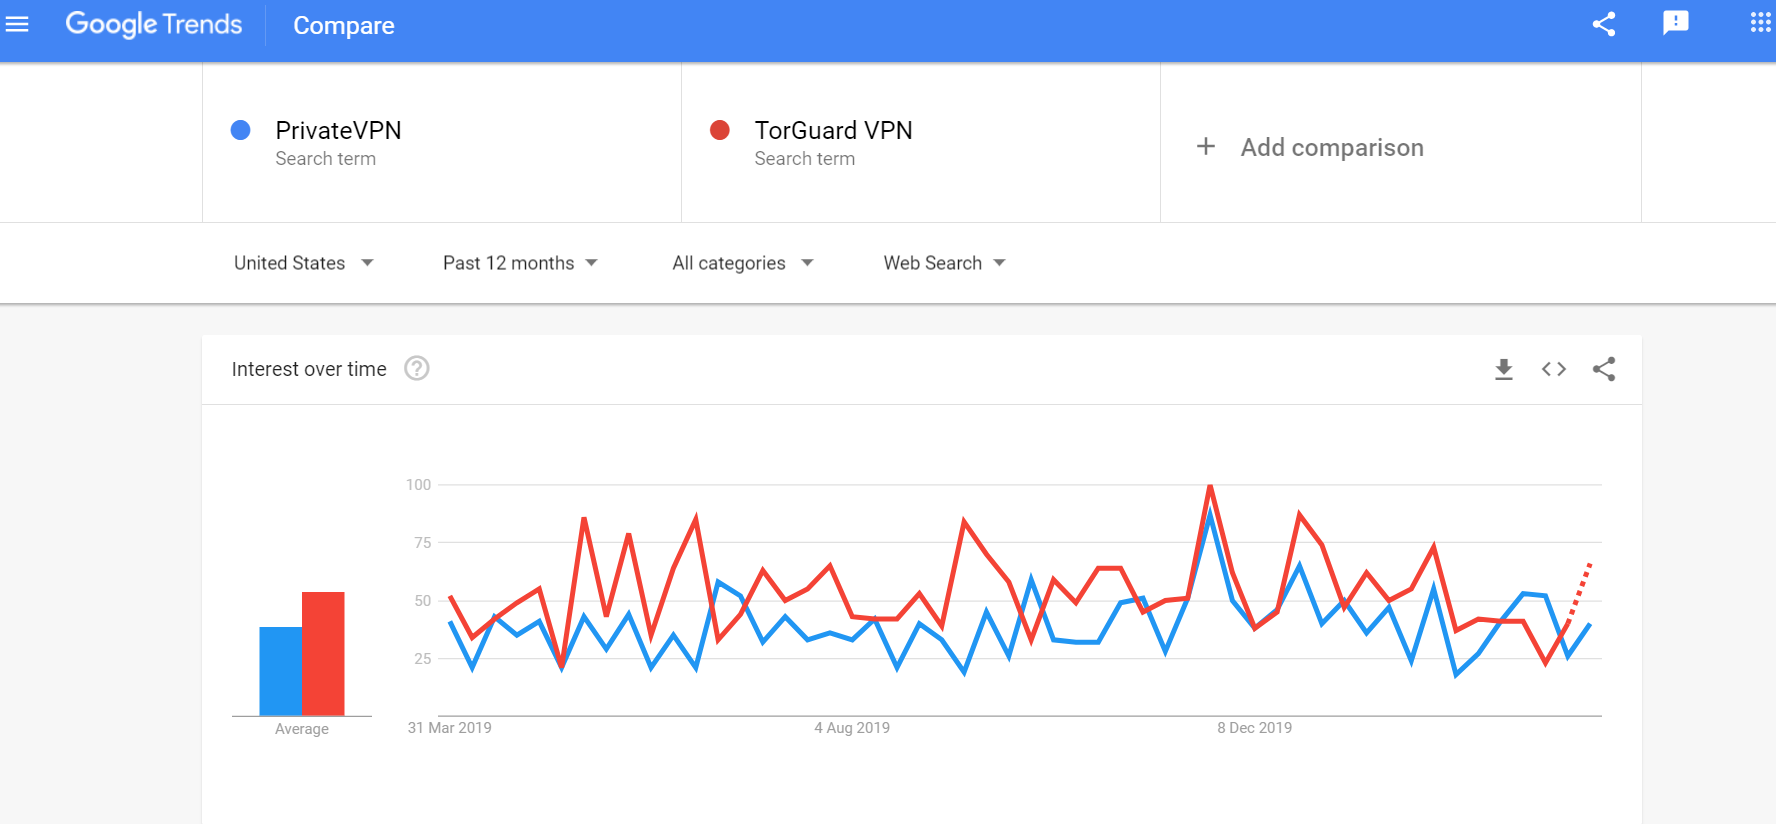 PrivateVPN vs TorGuard